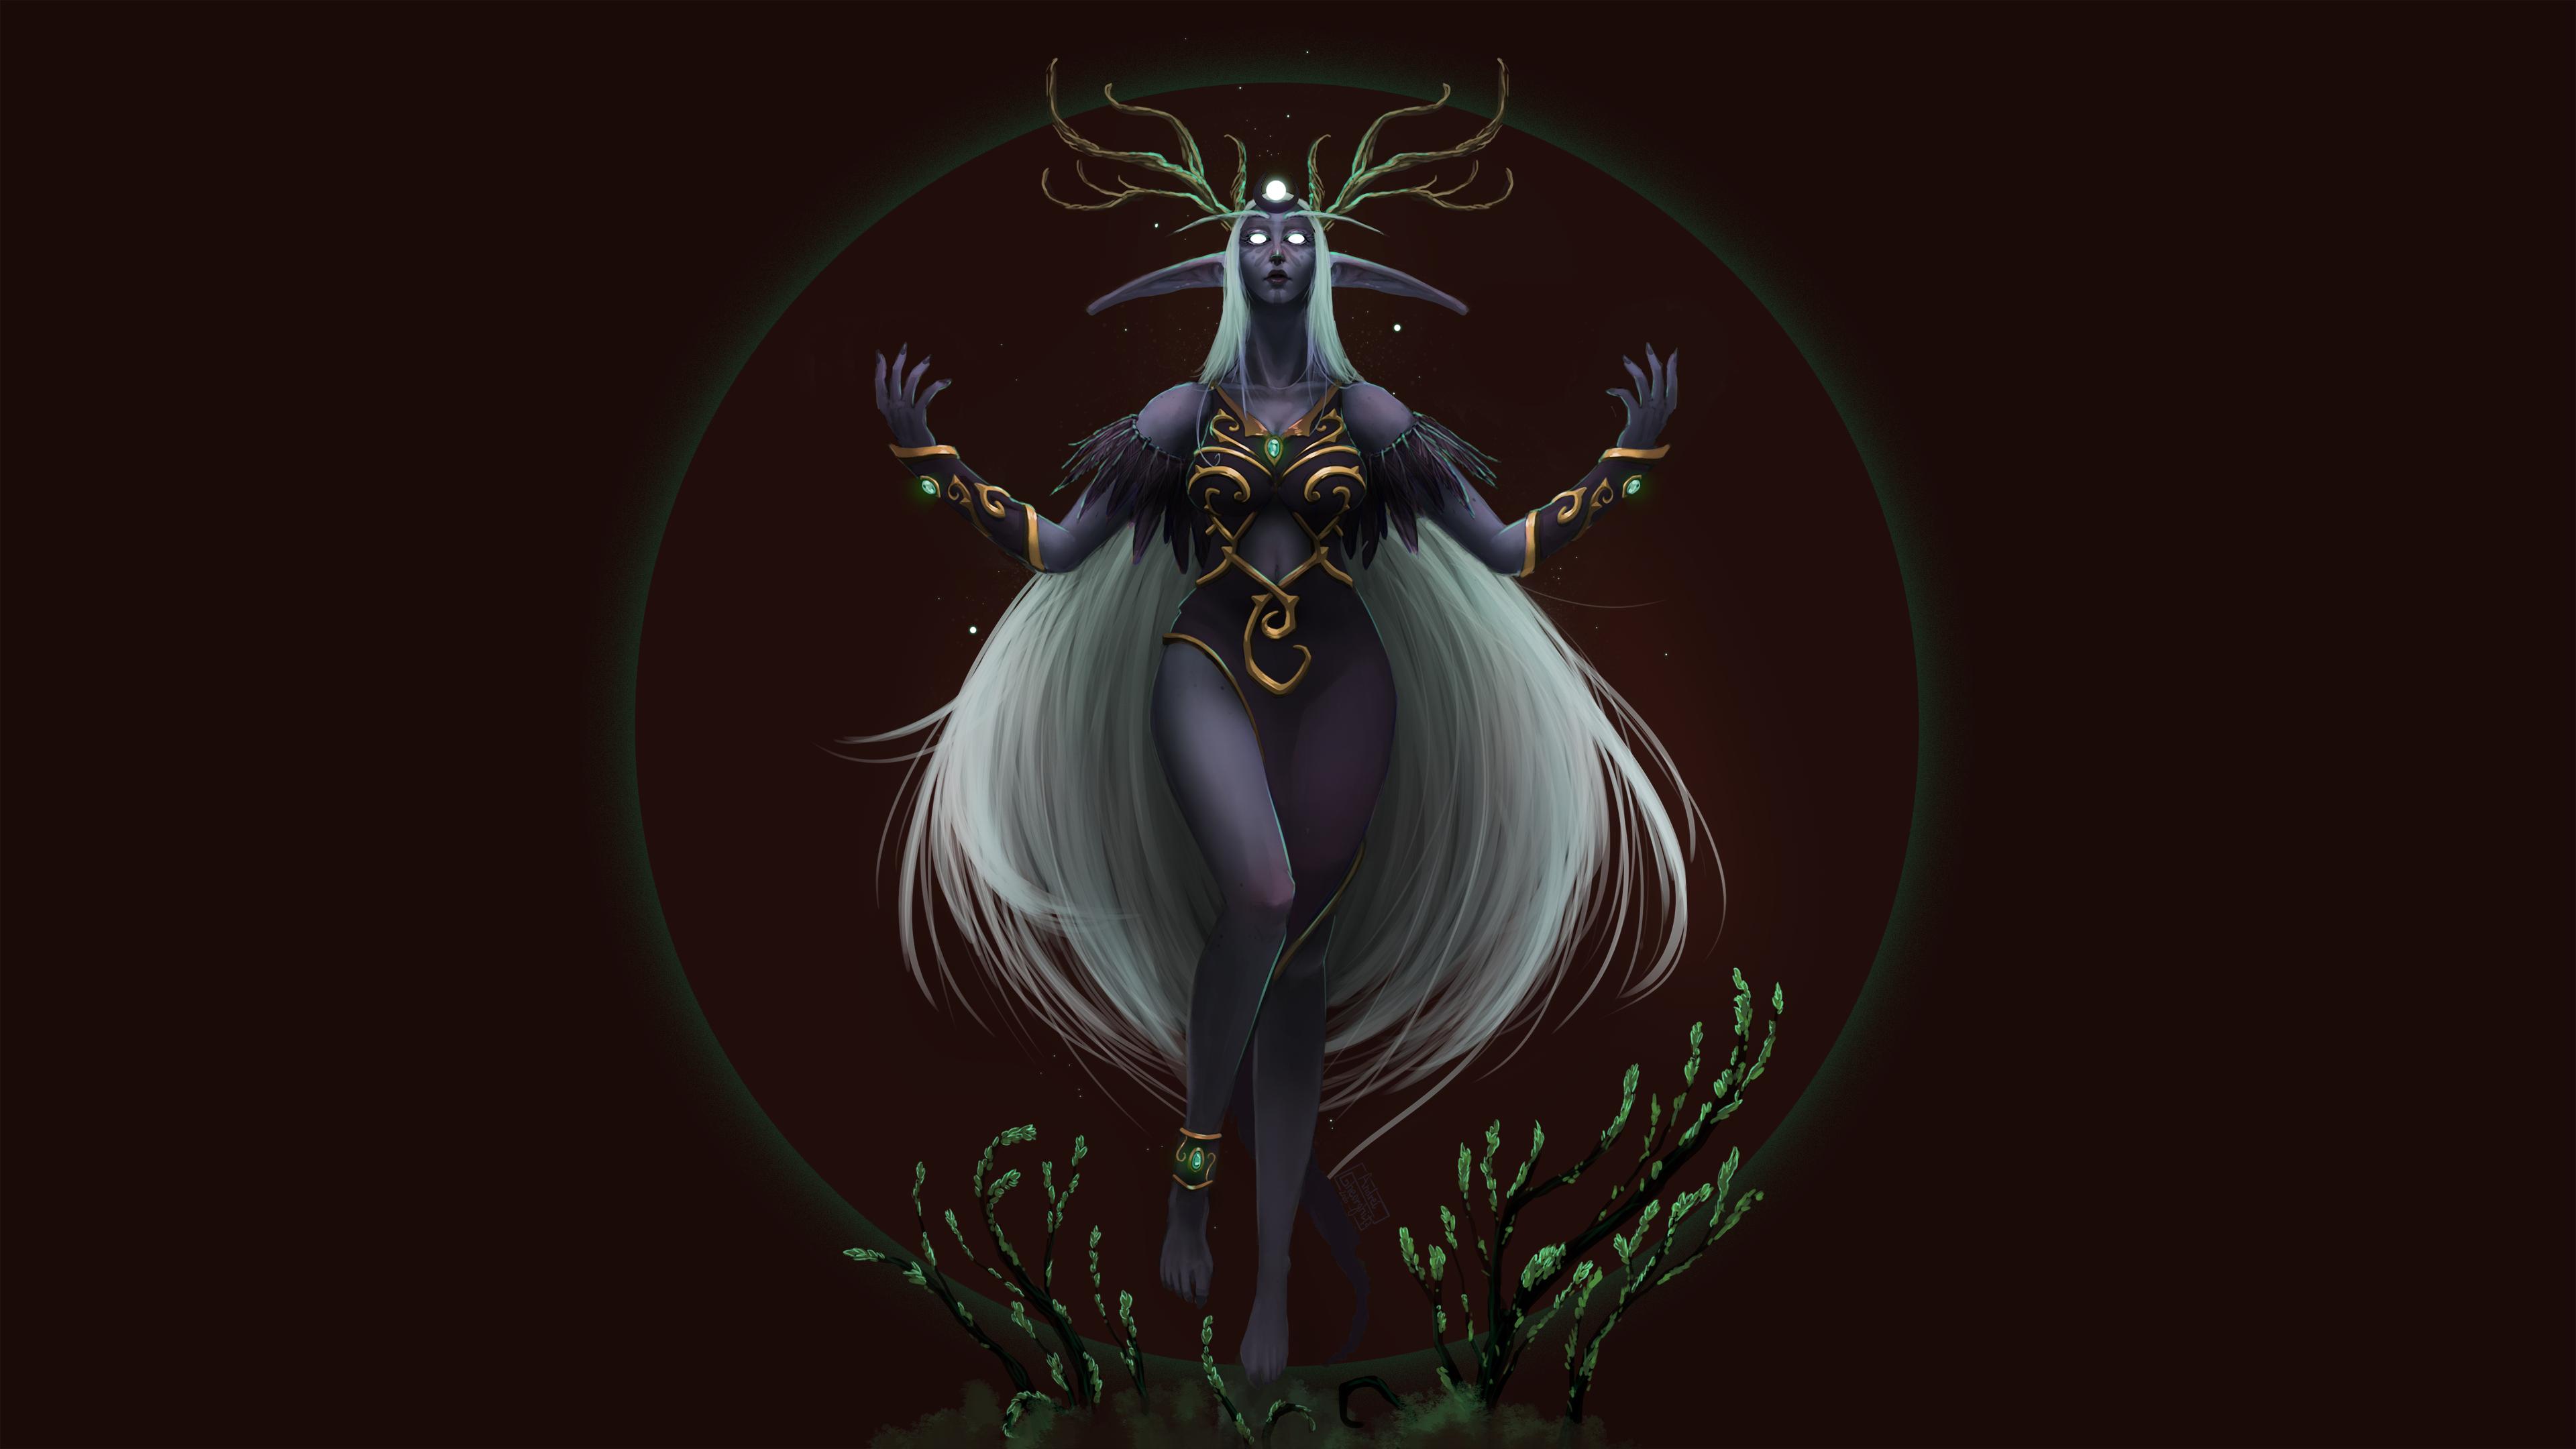 Wallpaper Night Elves World Of Warcraft Druid Fantasy Art